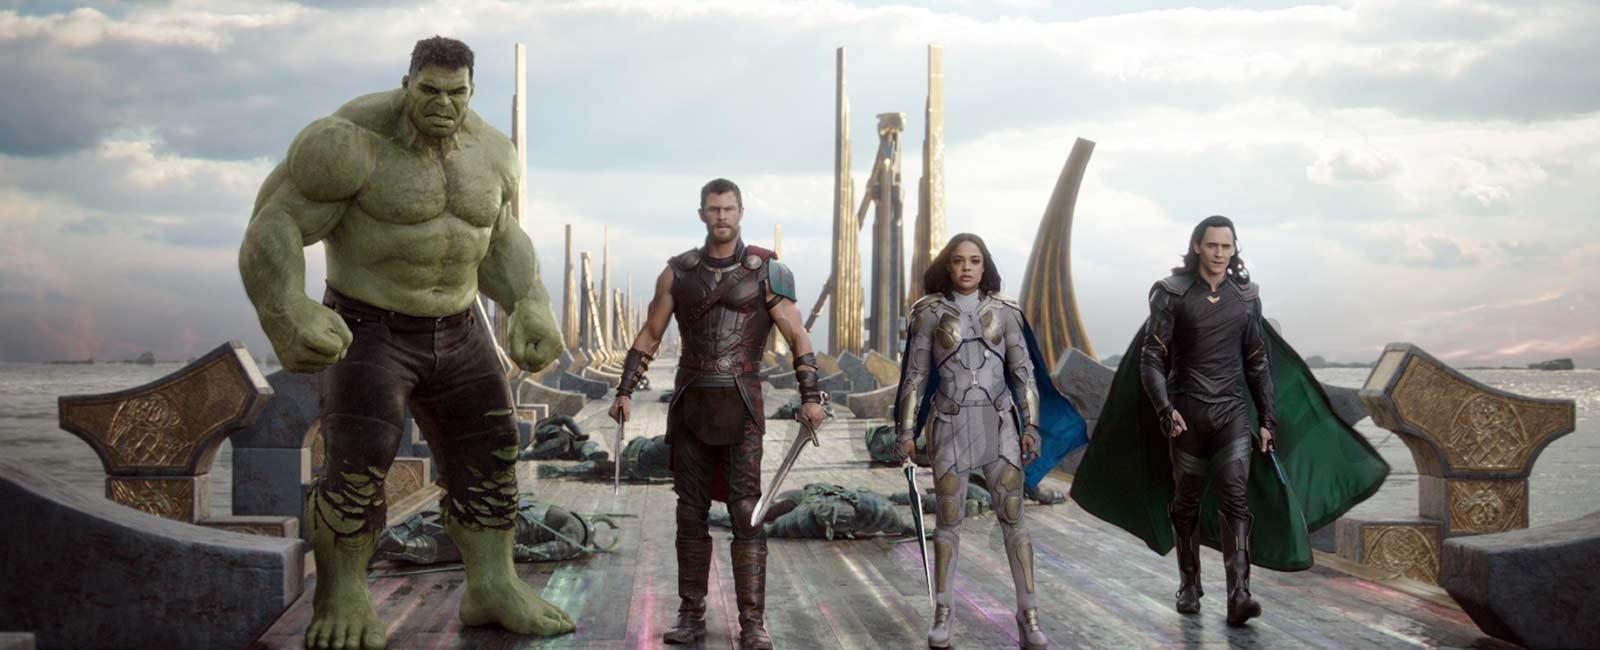 Thor: Ragnarok – Trailer Oficial